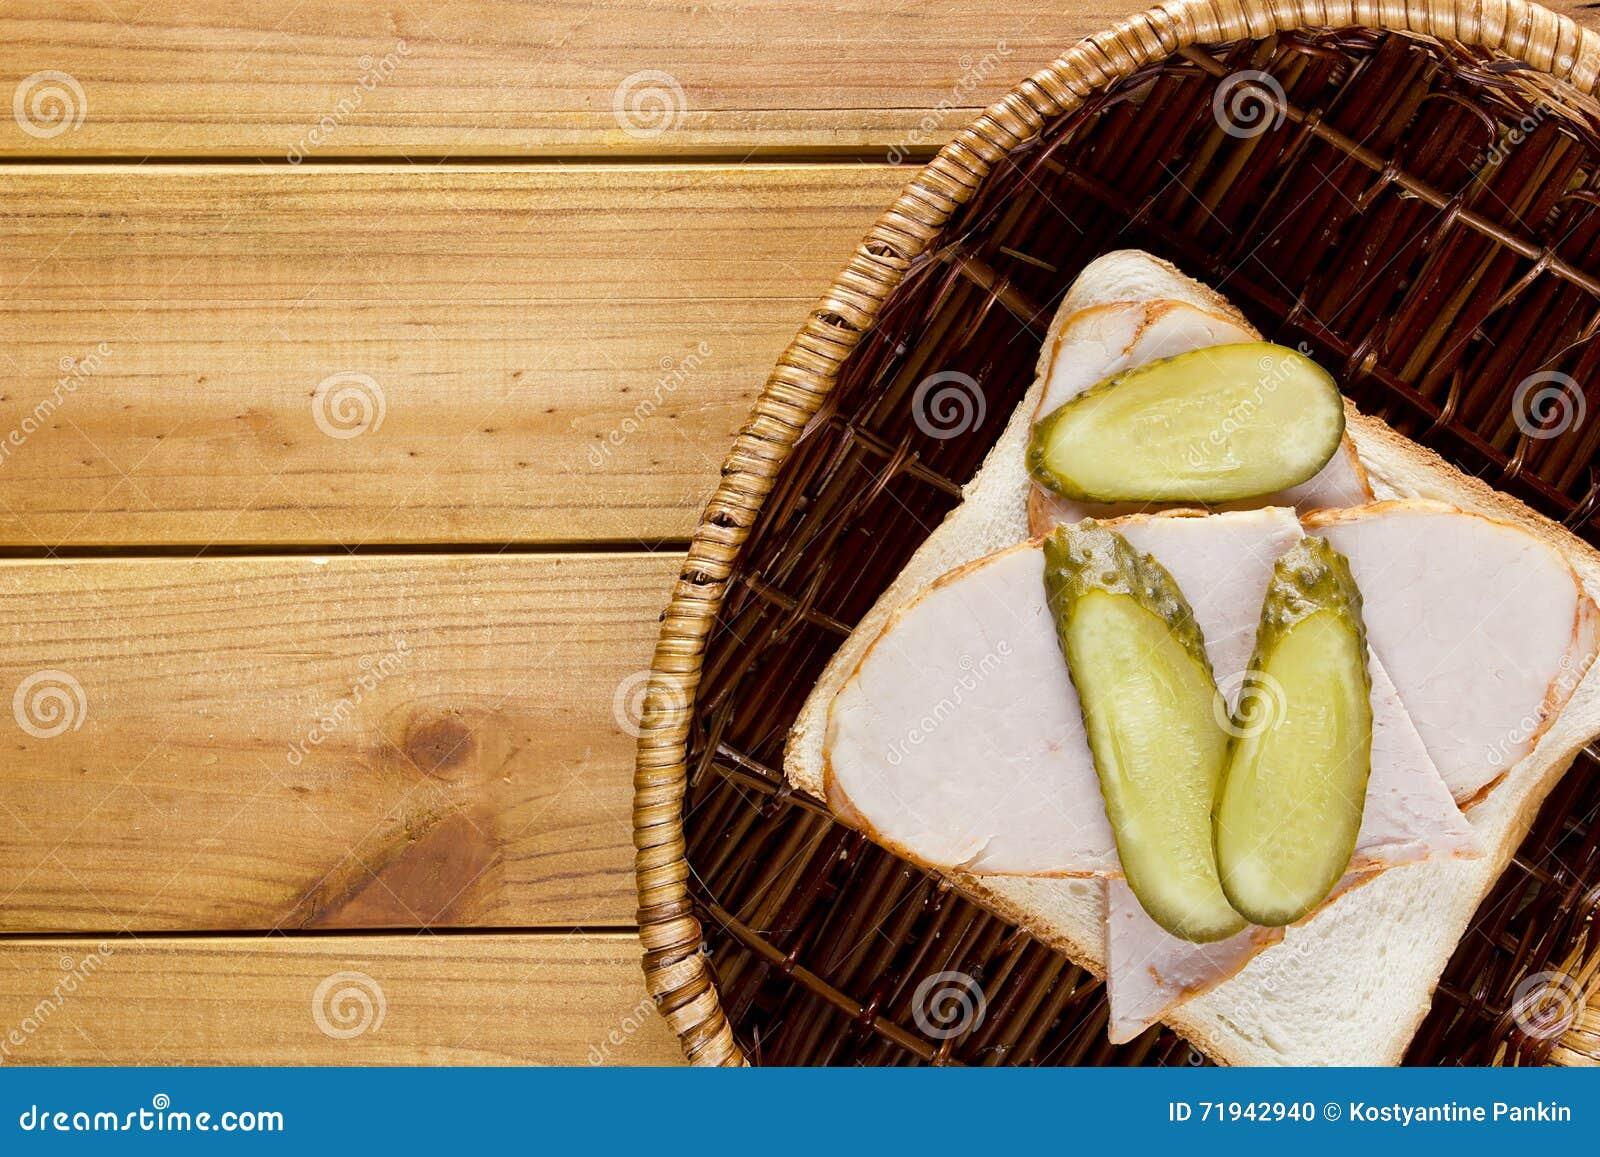 Открытый сандвич в плетеной корзине